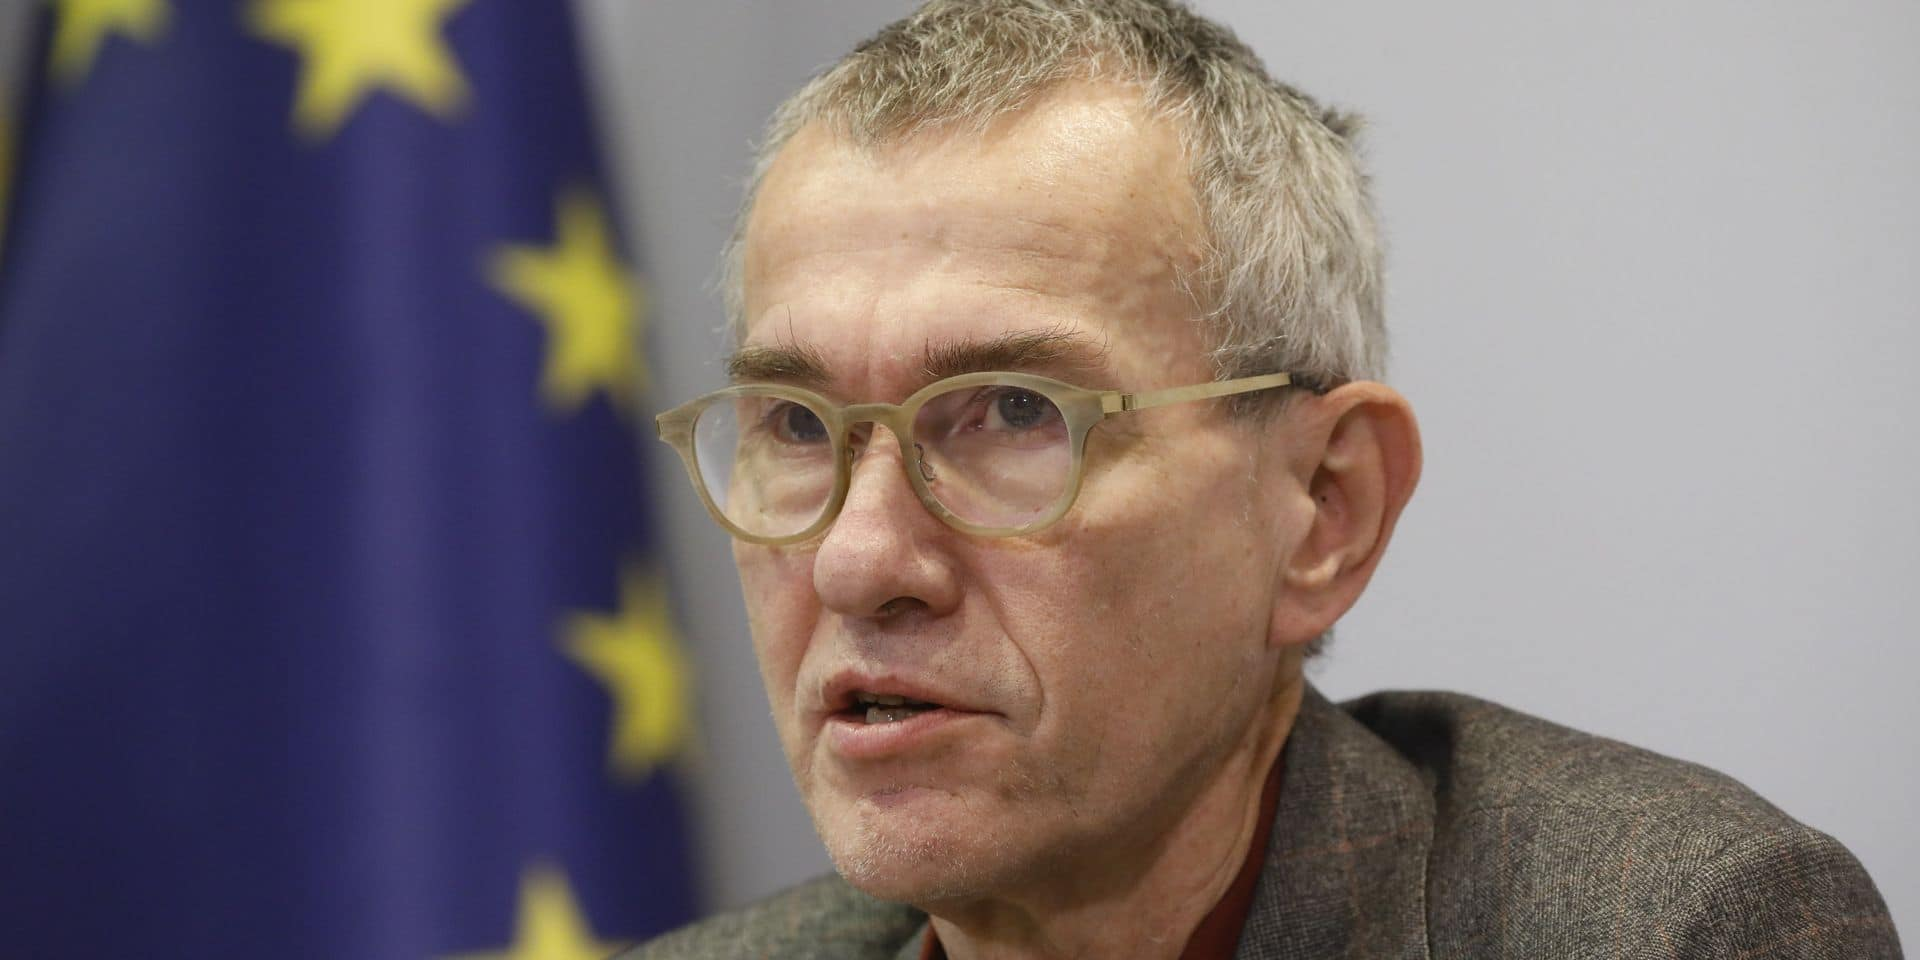 """Frank Vandenbroucke réagit à la polémique: """"Un rapport de la Celeval préconisait bien la fermeture des commerces"""""""